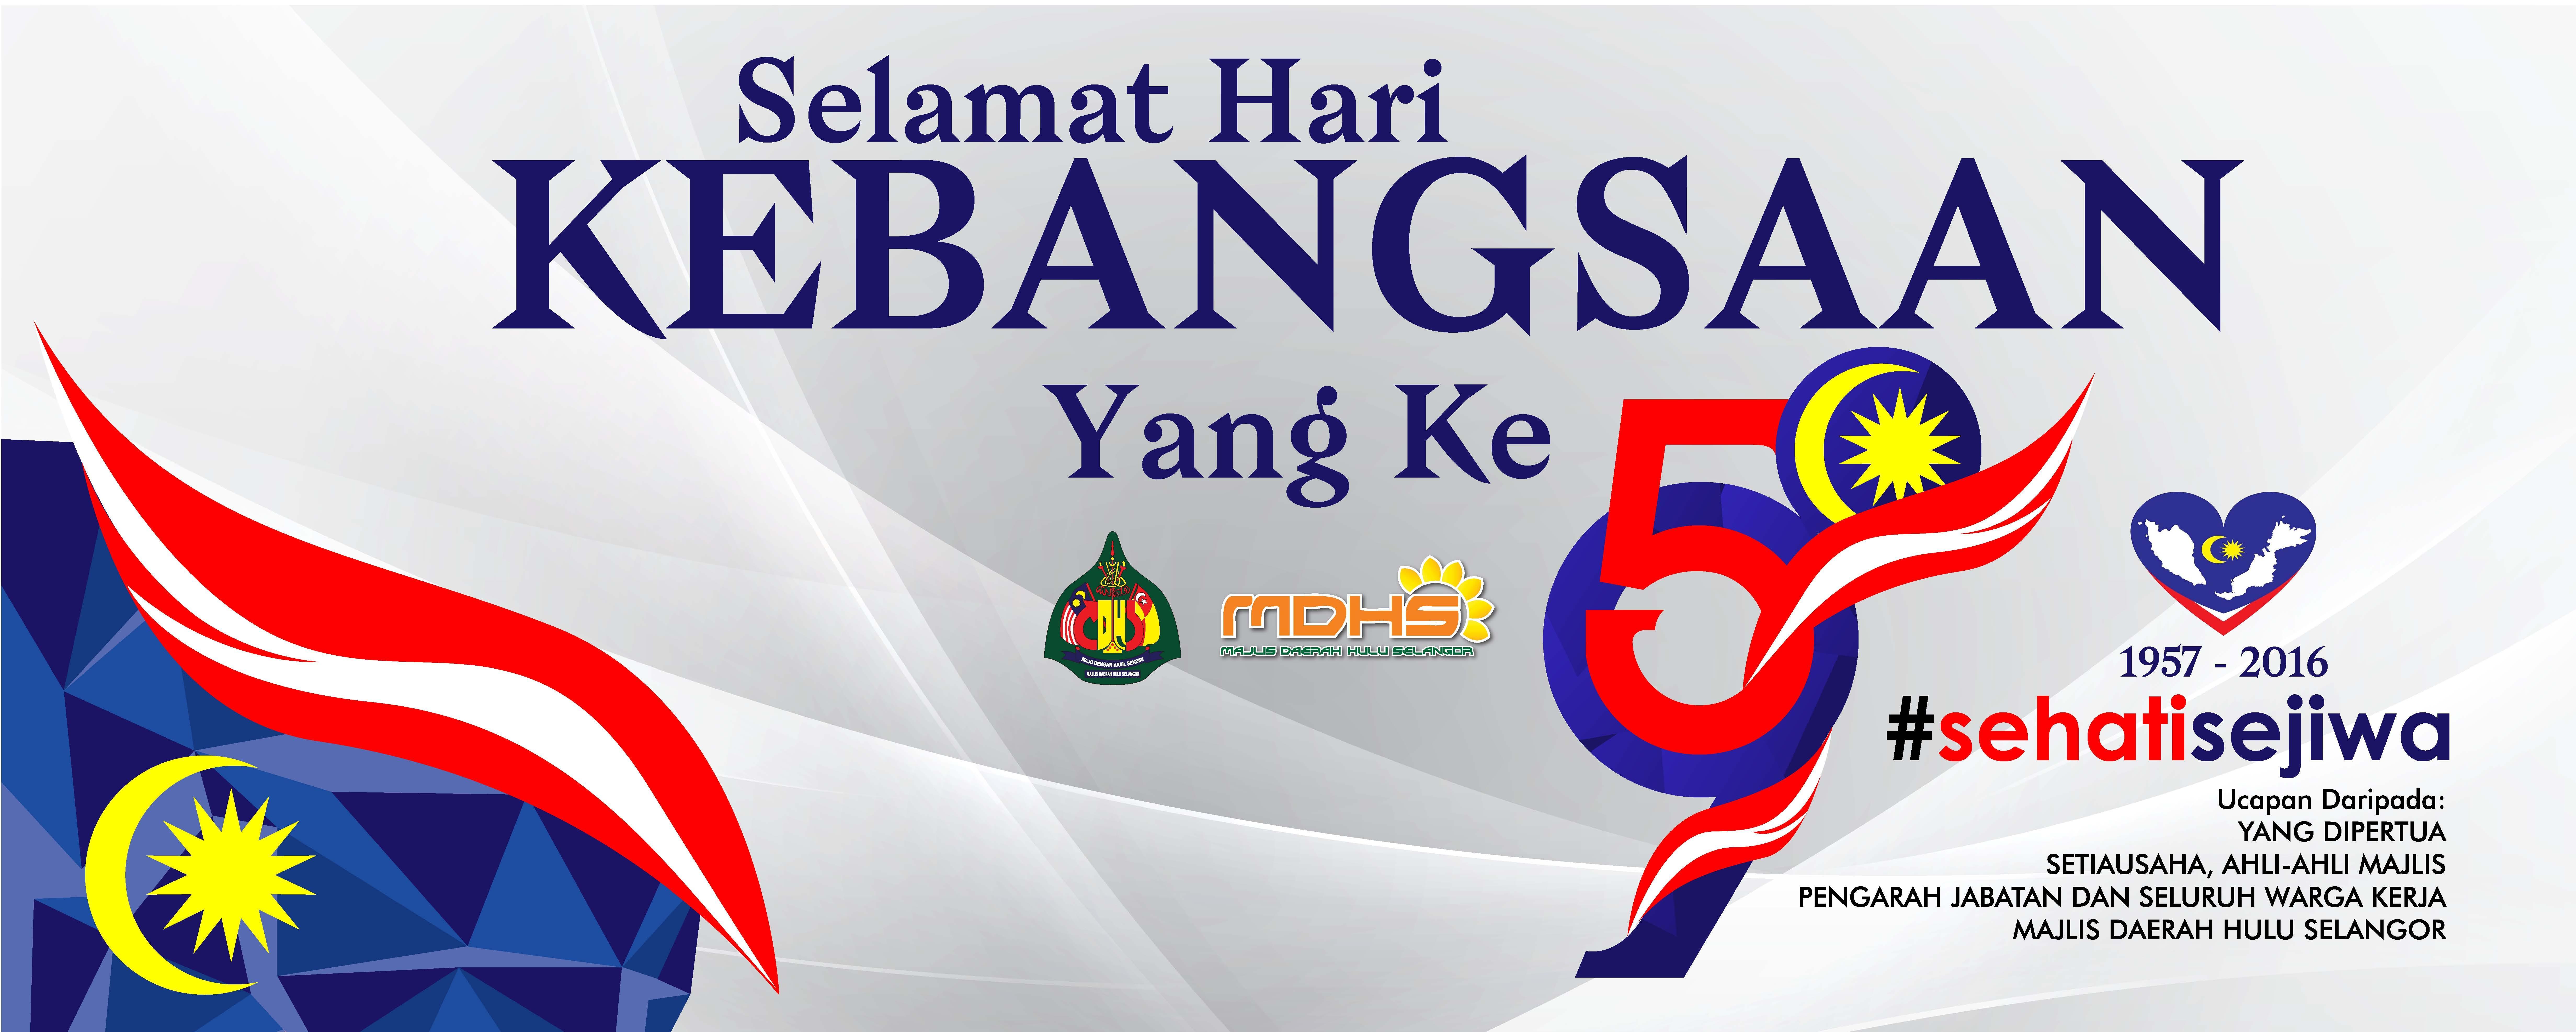 Banner Hari Kebangsaan